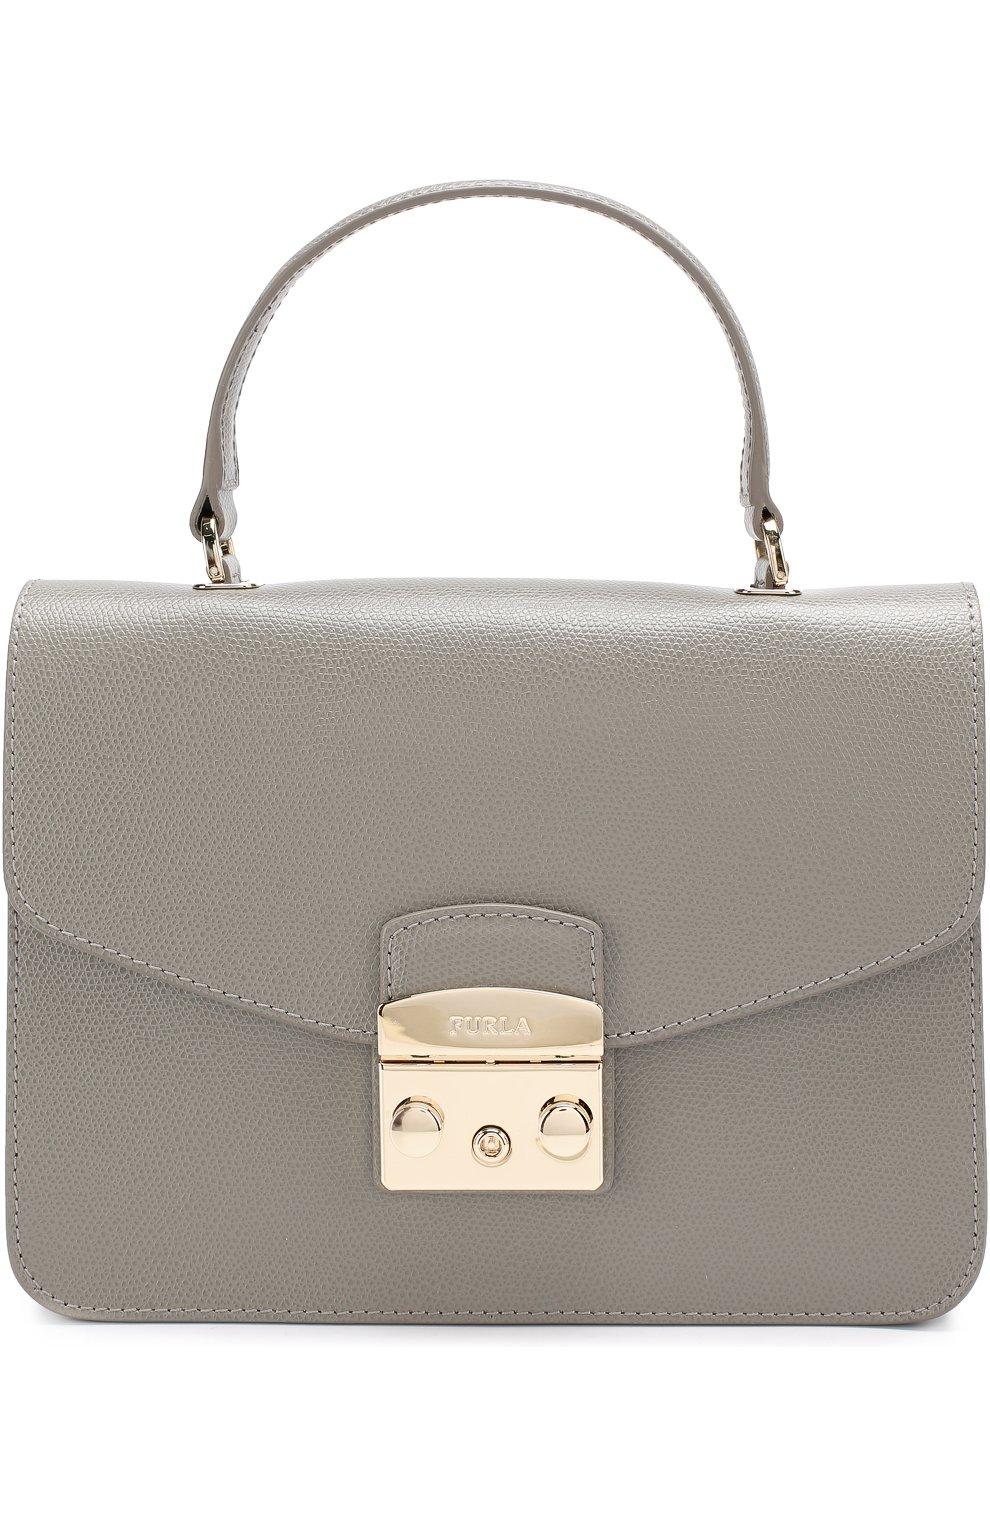 Женская сумка-тоут metropolis FURLA серого цвета — купить за 25000 ... 54afae417f6